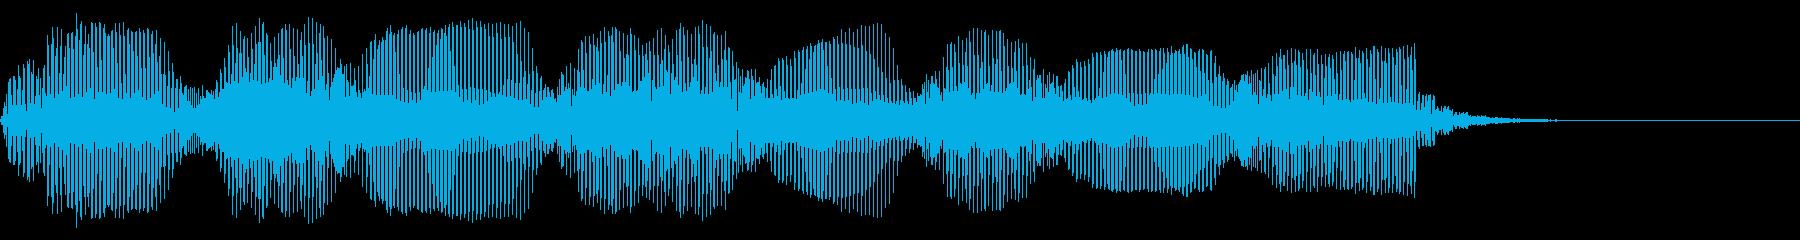 明るいトランペットトリルの再生済みの波形